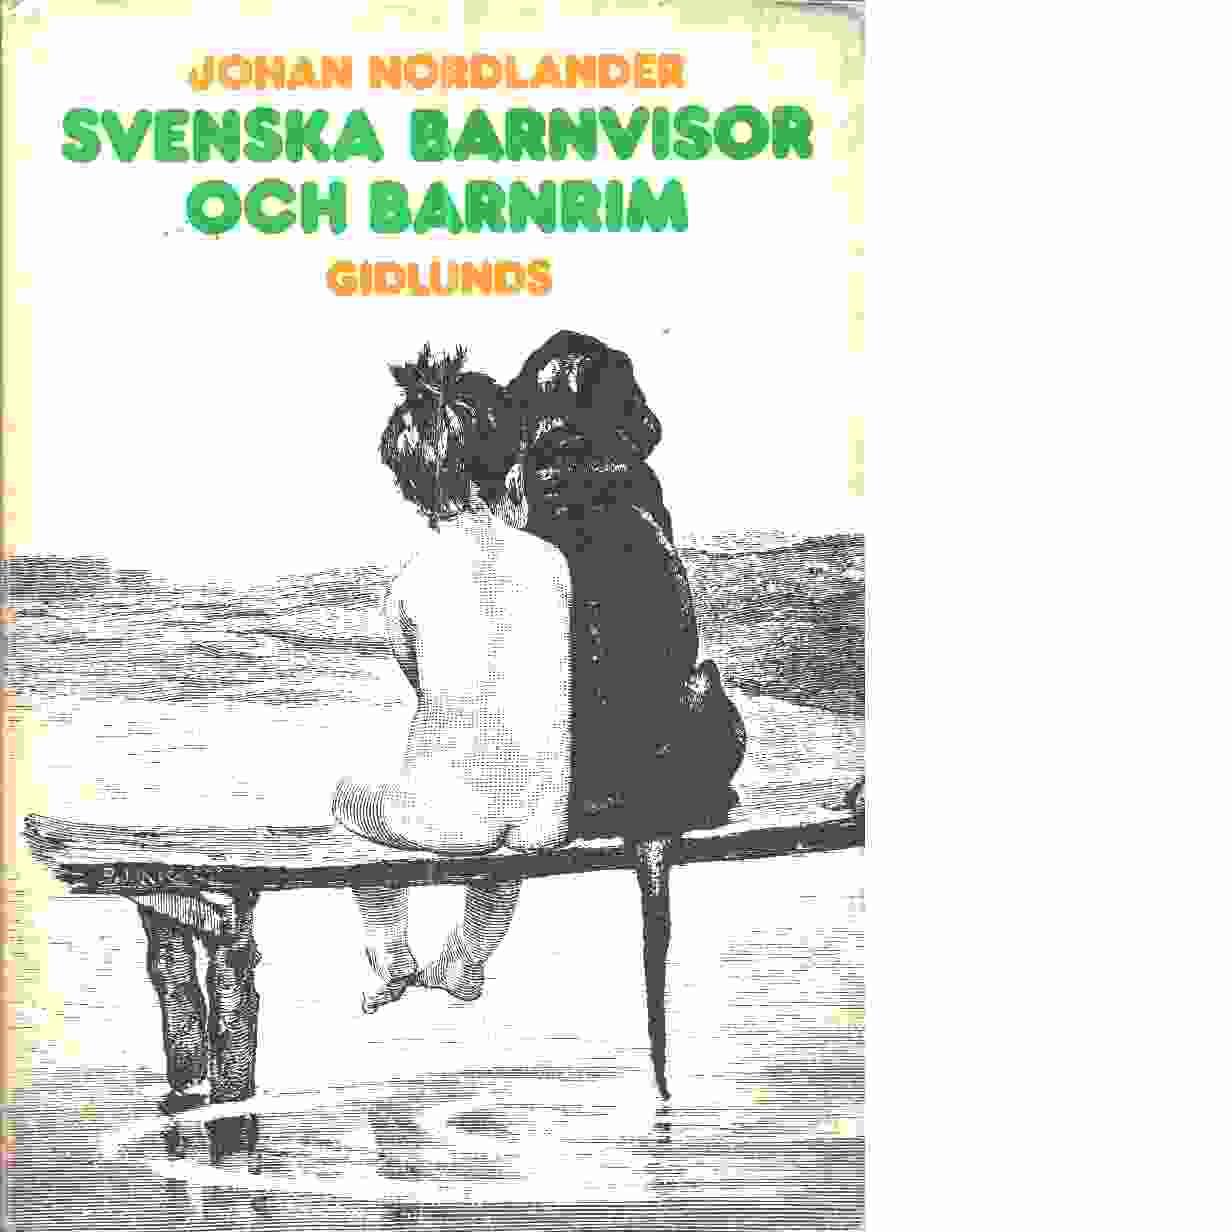 Svenska barnvisor och barnrim - Red. Nordlander, Johan och Furuland, Lars